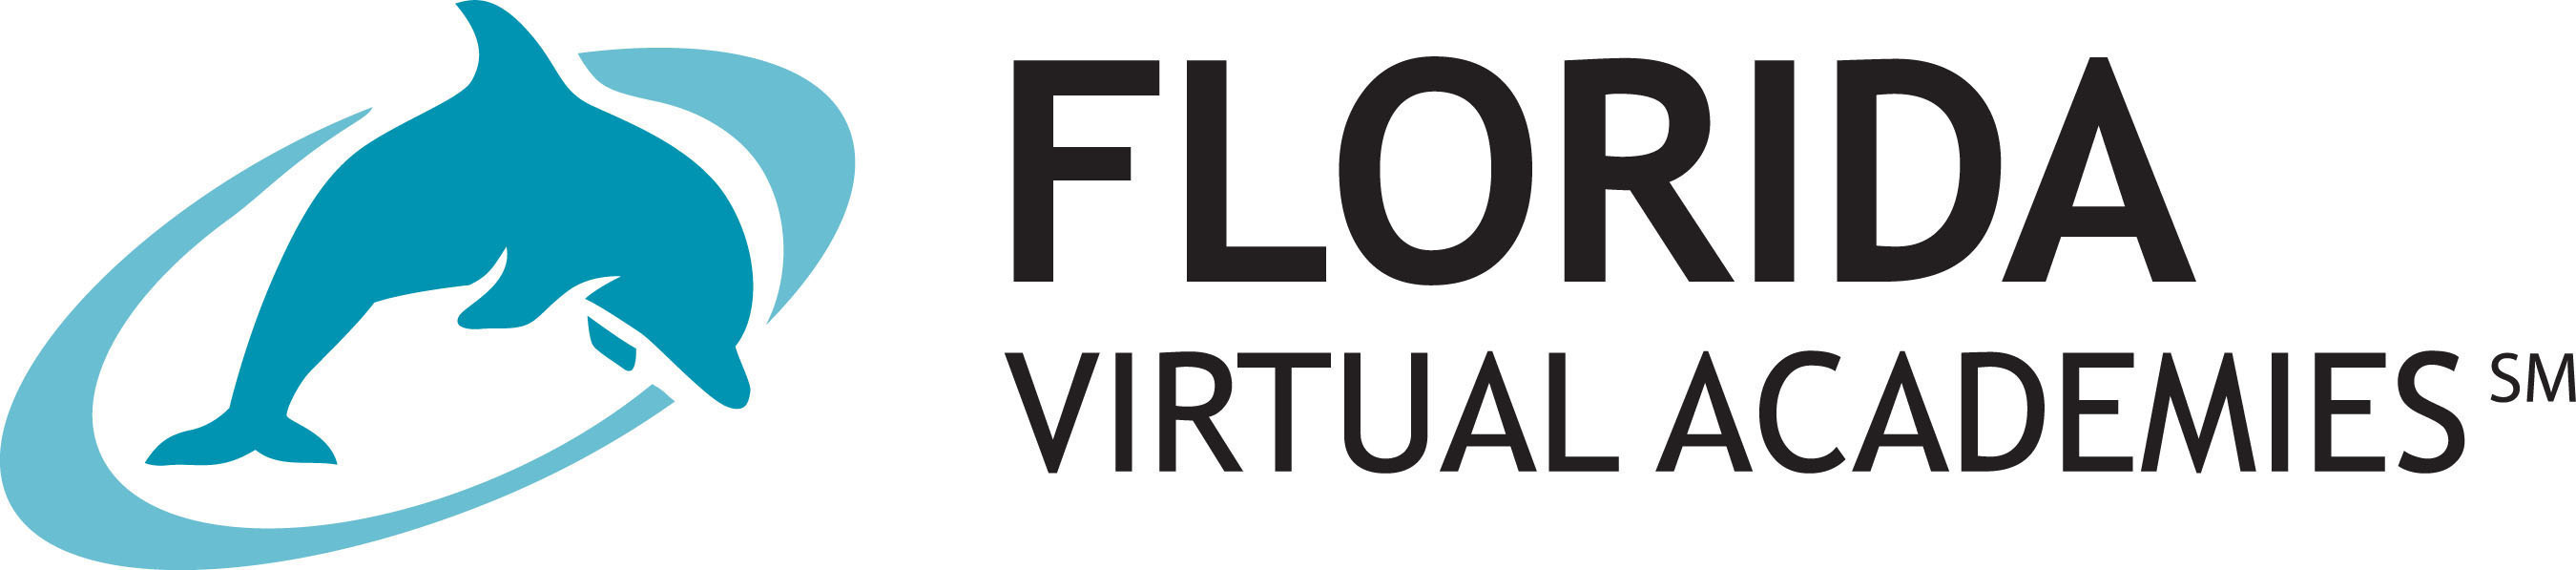 Los estudiantes de Florida Virtual Academies se conectan el 24 de agosto para comenzar el año